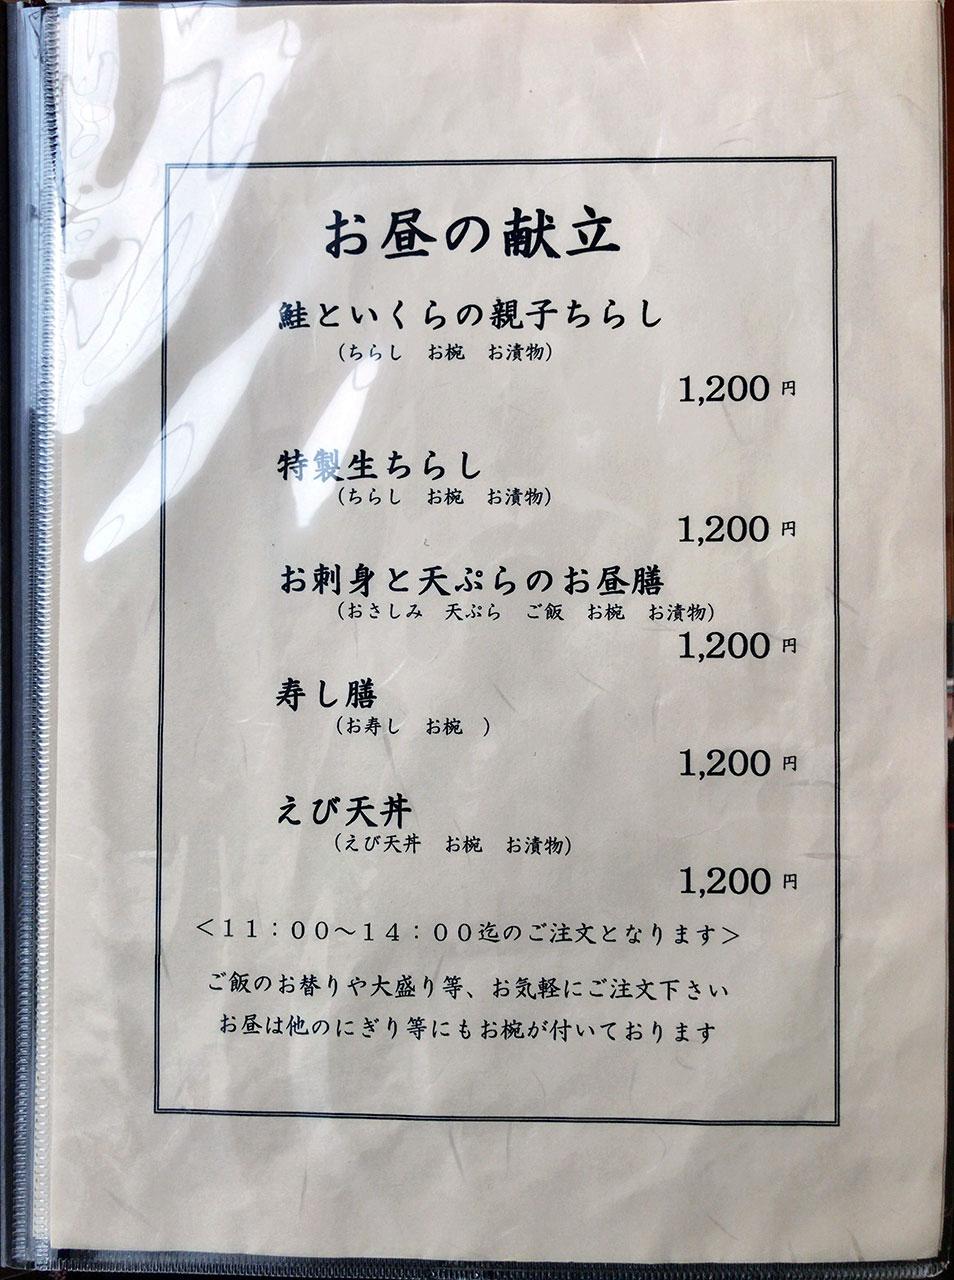 鮨の東龍 メニュー